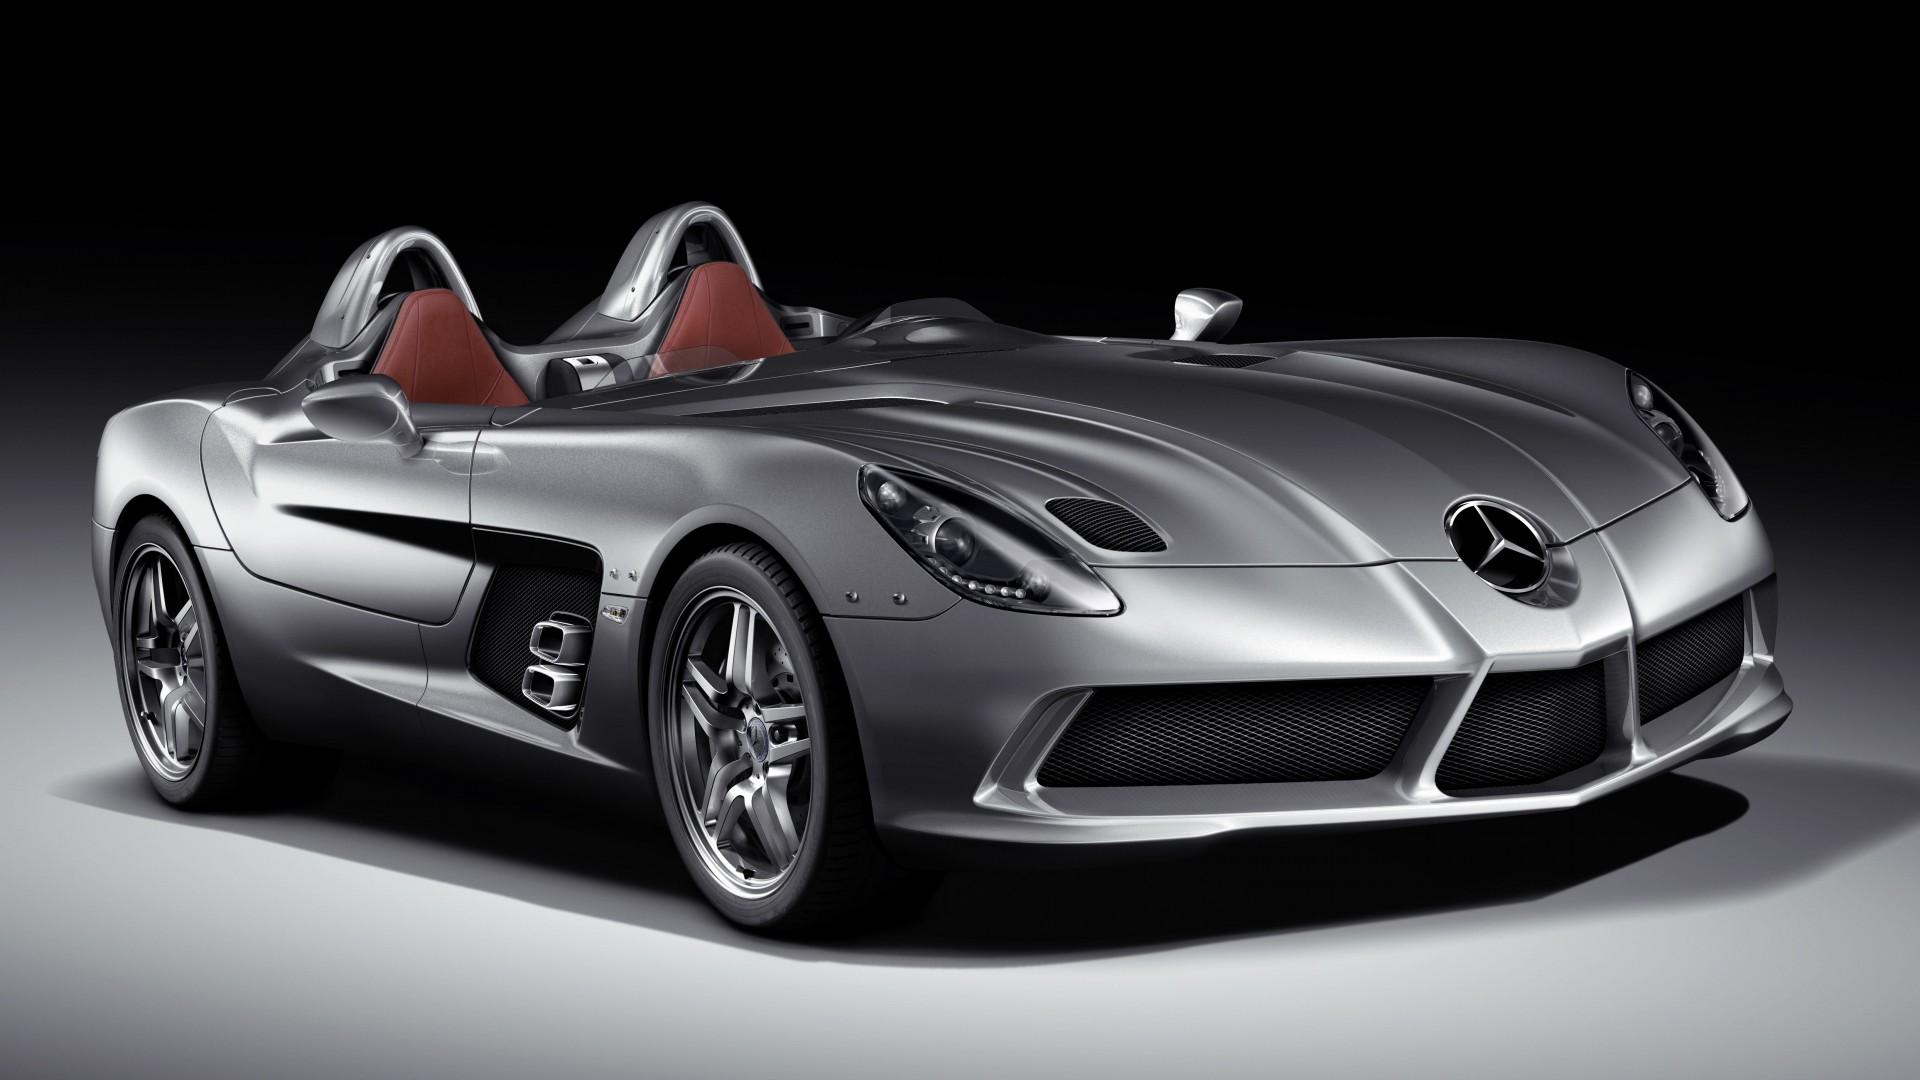 Mercedes benz slr mclaren stirling moss wallpaper cars for Mercedes benz luxury car